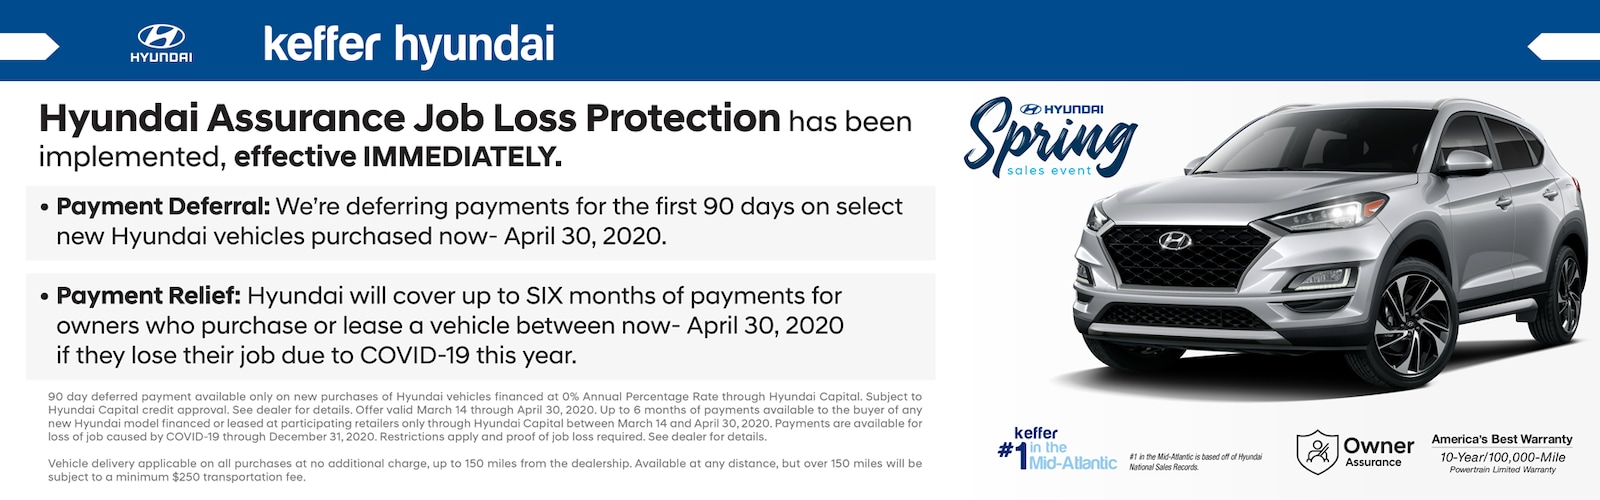 Hyundai Assurance Job Loss Protection in Matthews NC